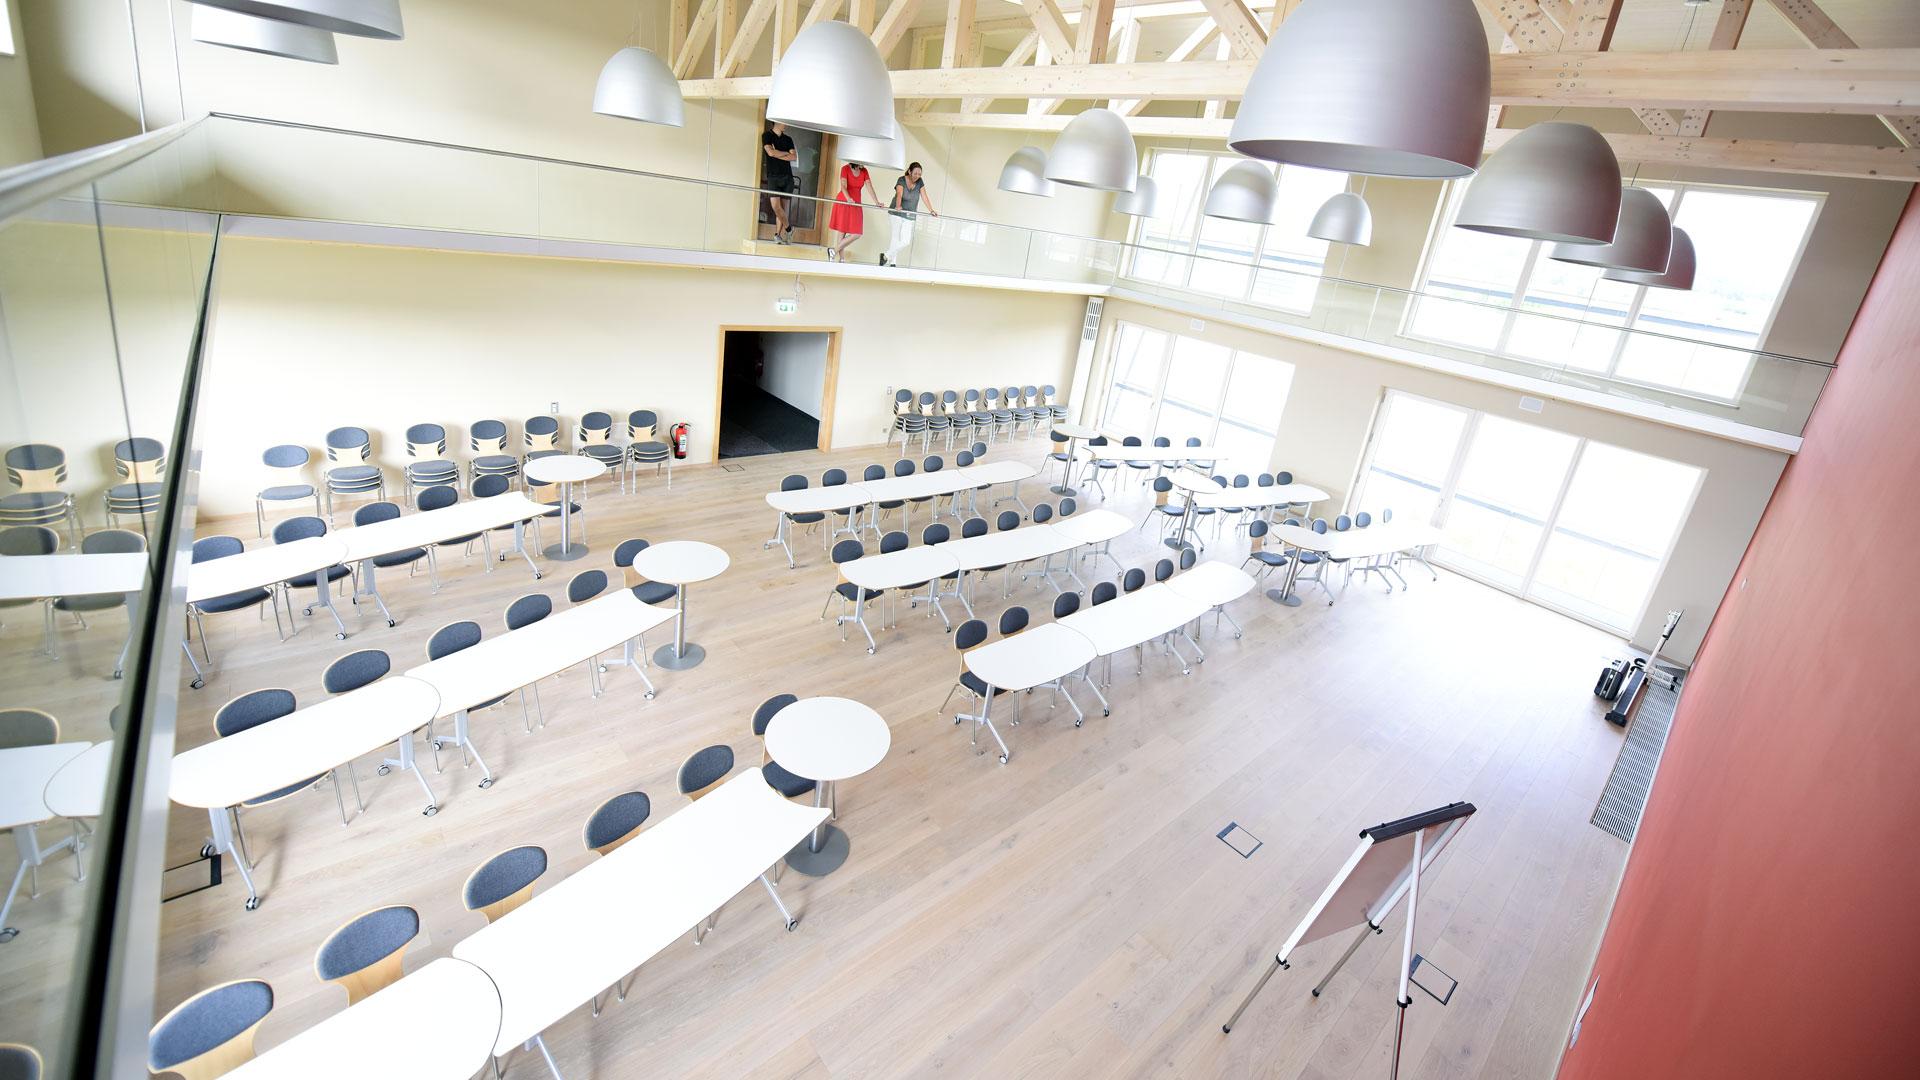 Tagungsraum mit Galerie und Holzbalken in der Decke – Innenraumgestaltung durch Innenarchitektin Barbara Jurk von atelier8 in Frankfurt